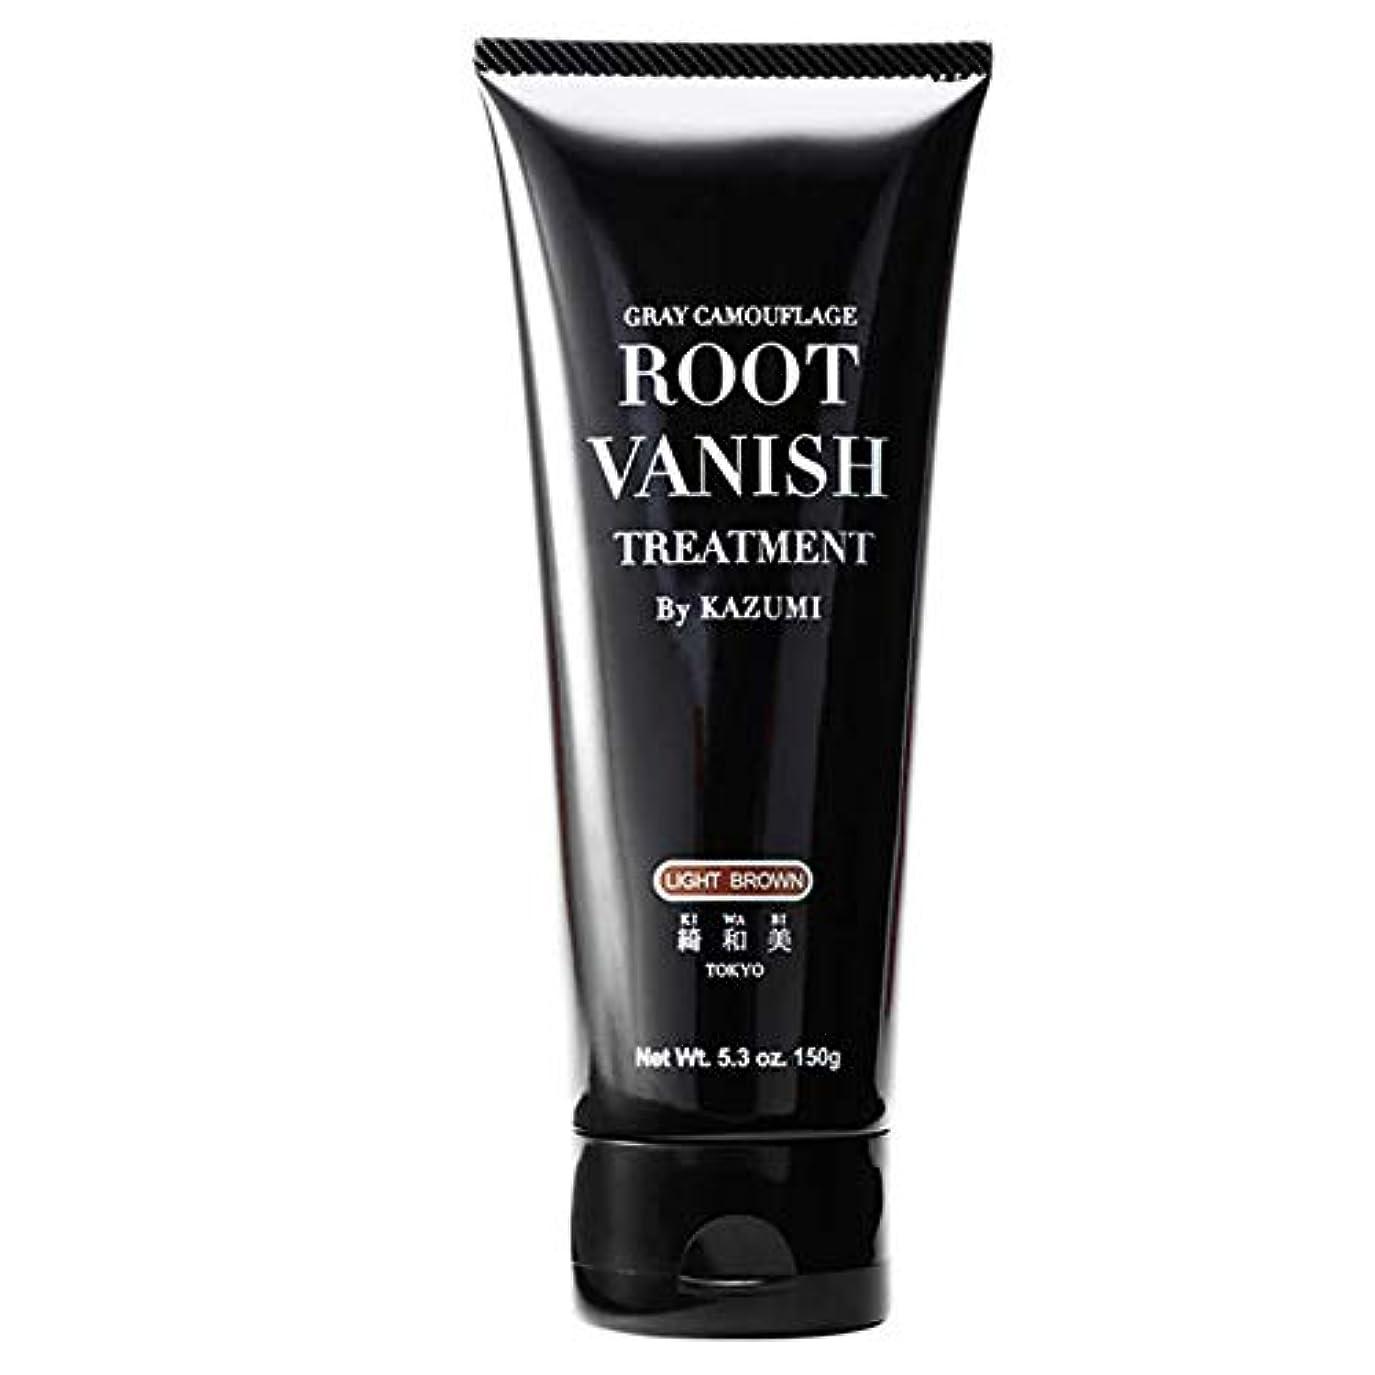 約漏れ数値Root Vanish 白髪染め (ライトブラウン) ヘアカラートリートメント 女性用 [100%天然成分 / 無添加22種類の植物エキス配合]